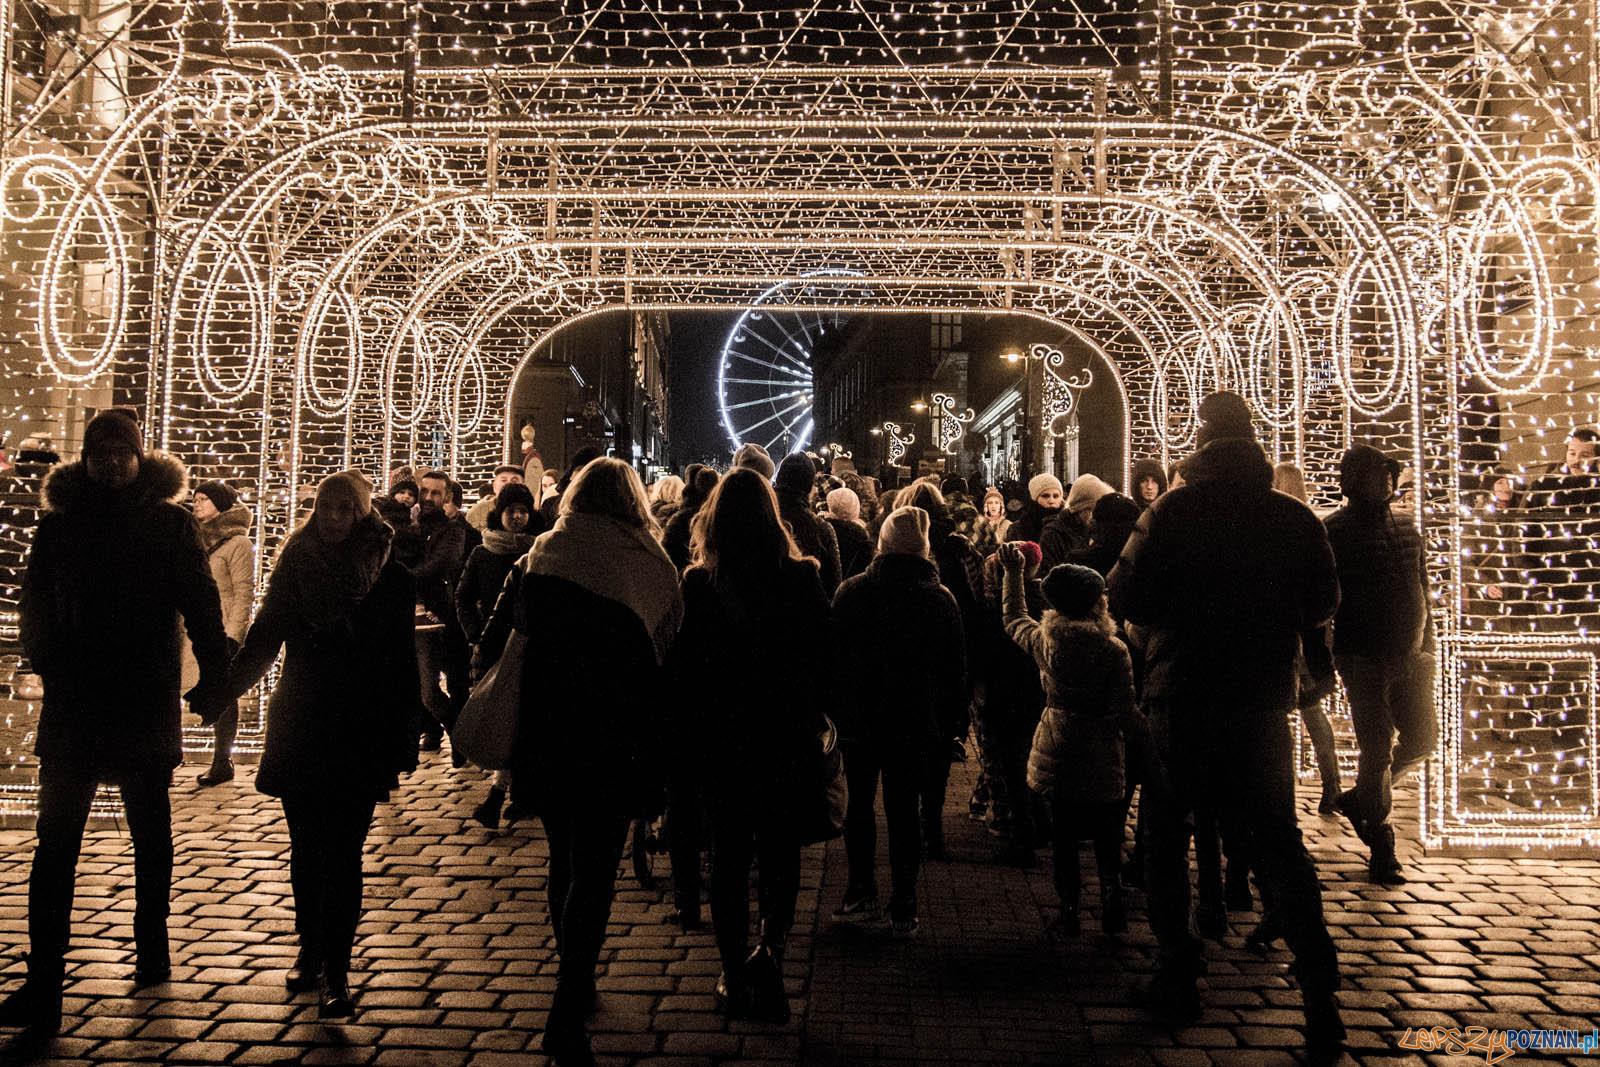 Rozświetlenie choinki miejskiej  Foto: lepszyPOZNAN.pl / Ewelina Jaskowiak